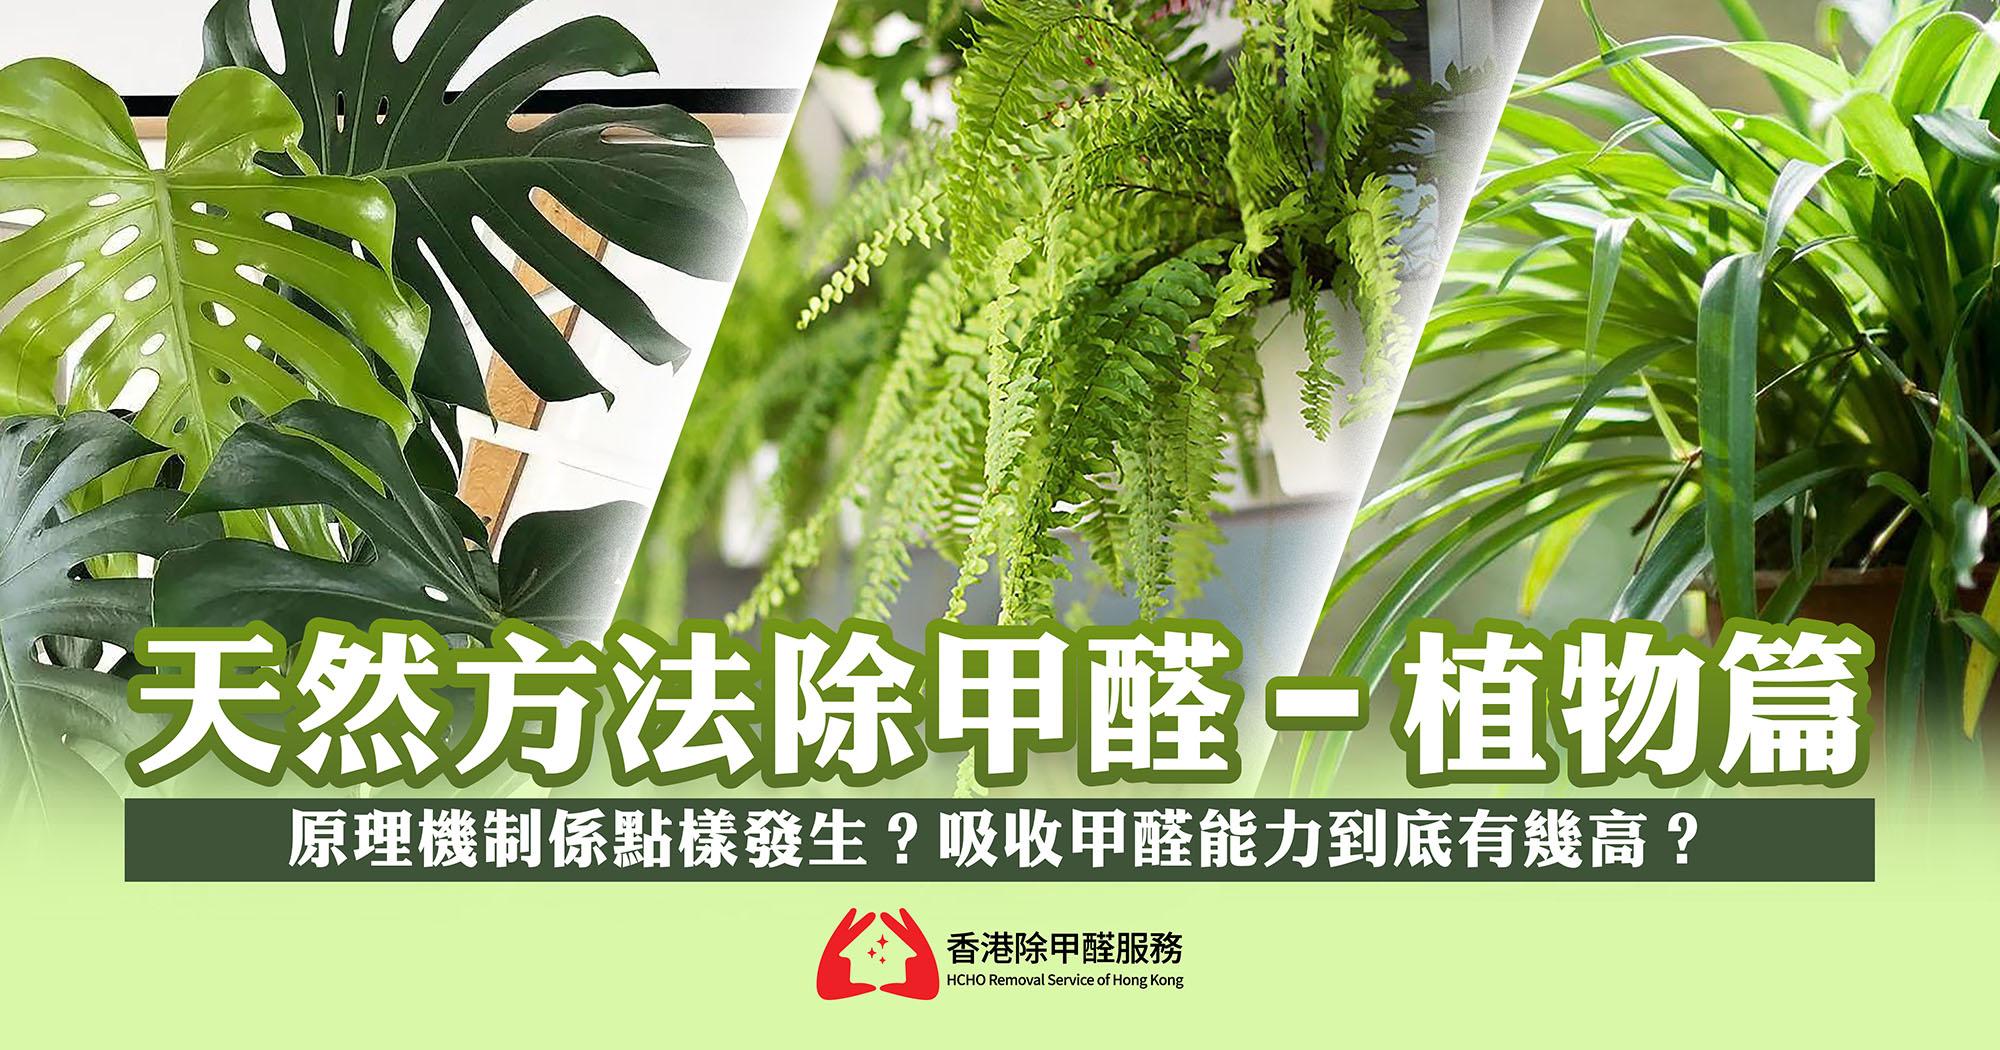 天然方法除甲醛-植物篇